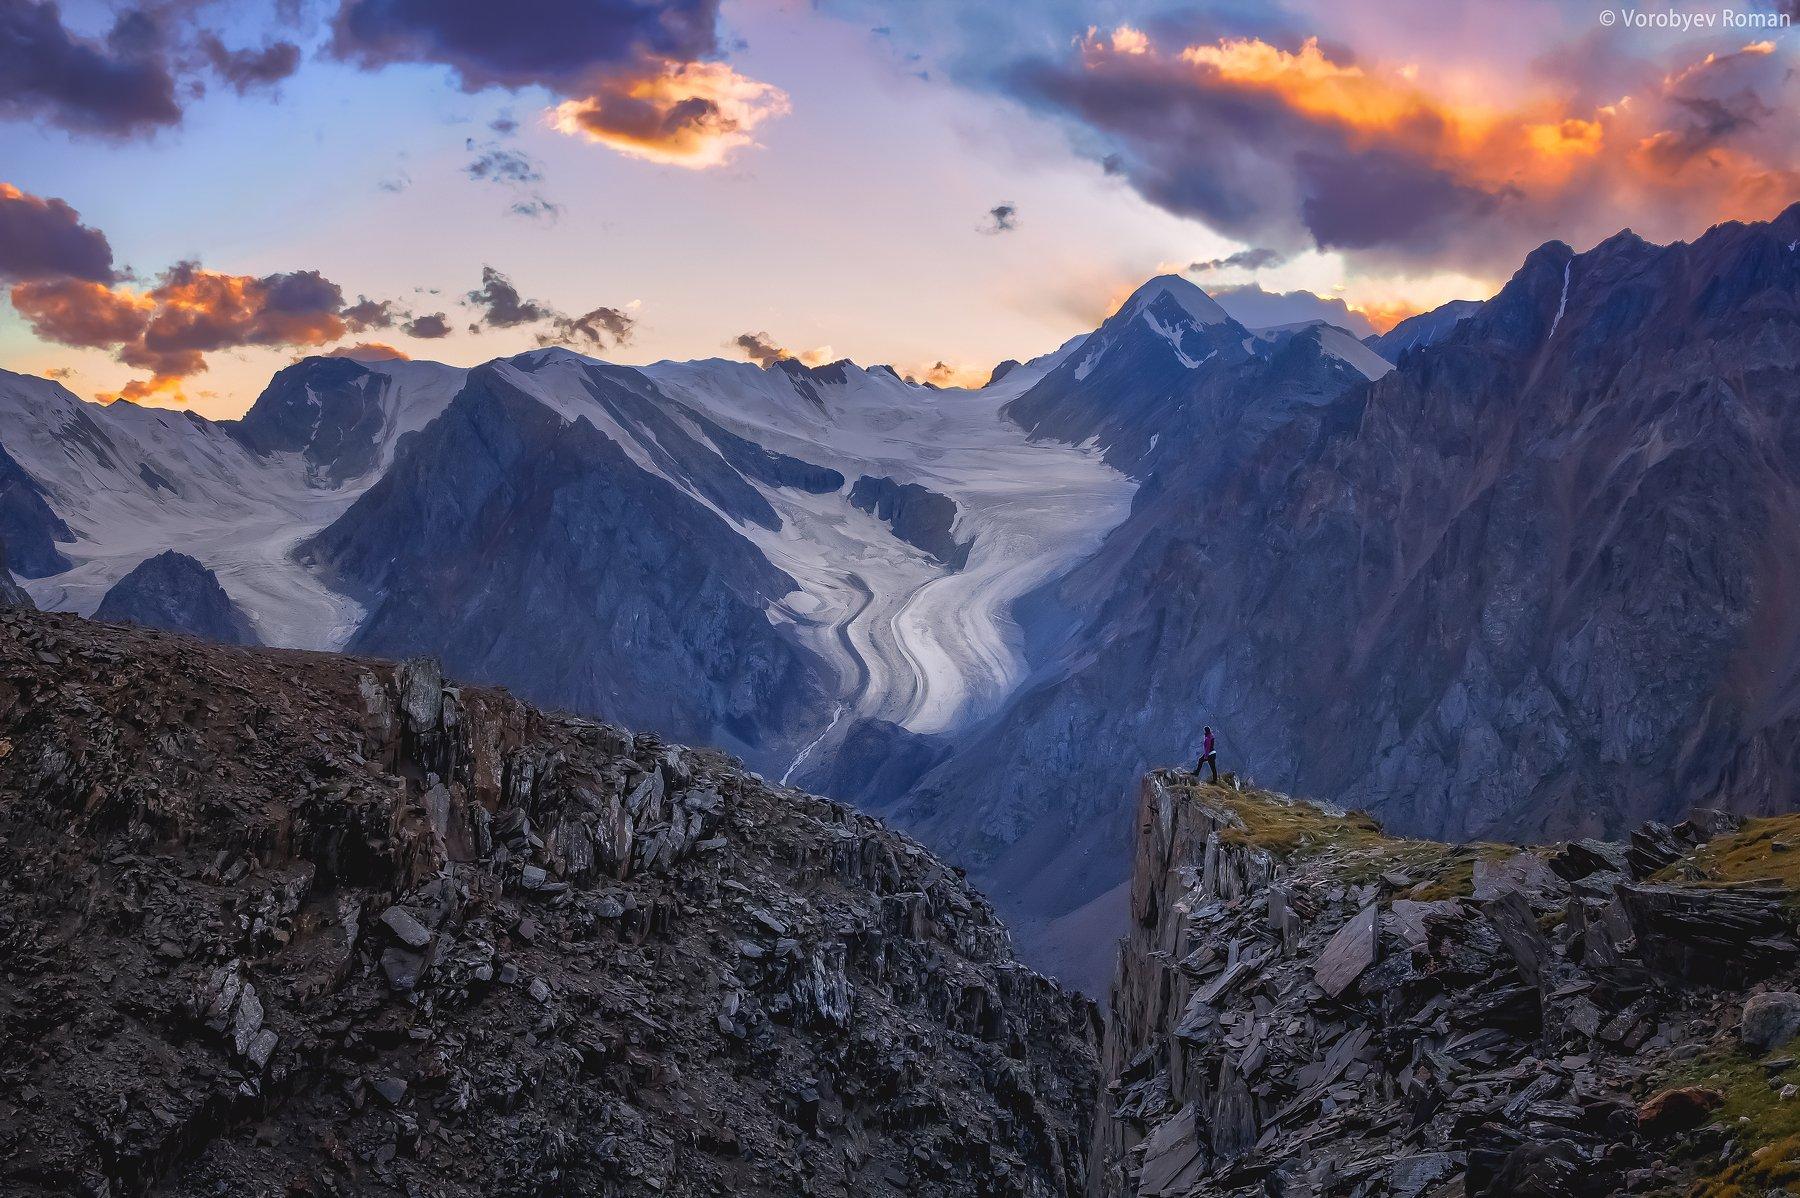 Sunset, Актру, Алтай, Горный алтай, Горы, Закат, Лето, Roman Vorobyev